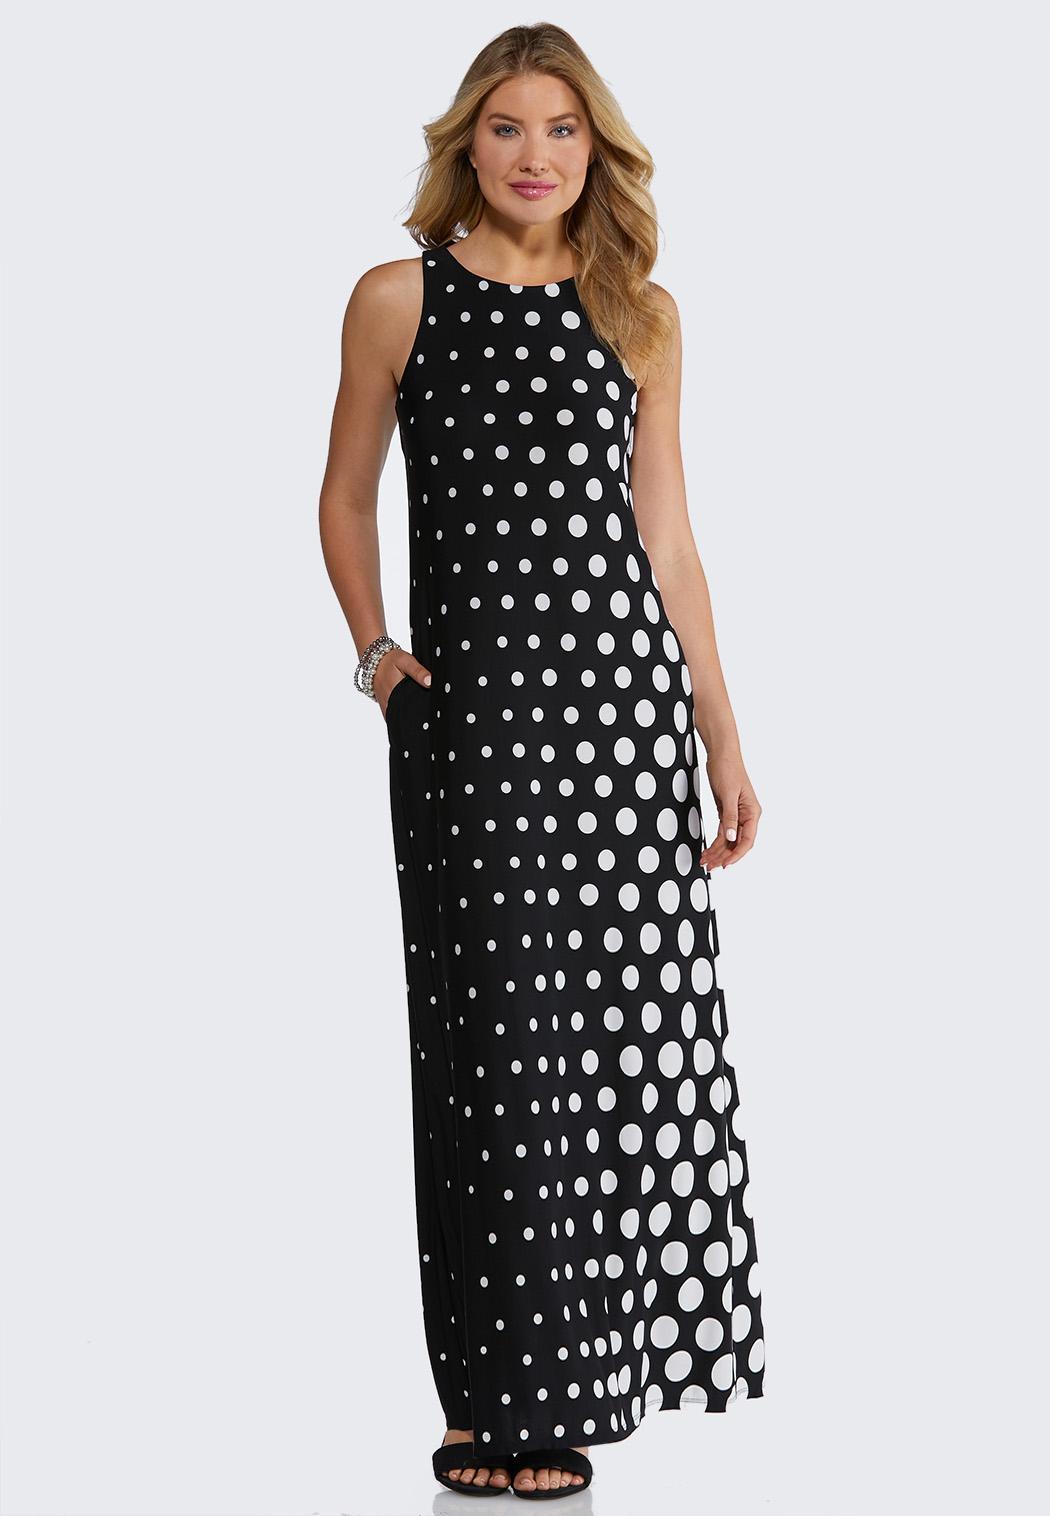 Modern Polka Dot Maxi Dress